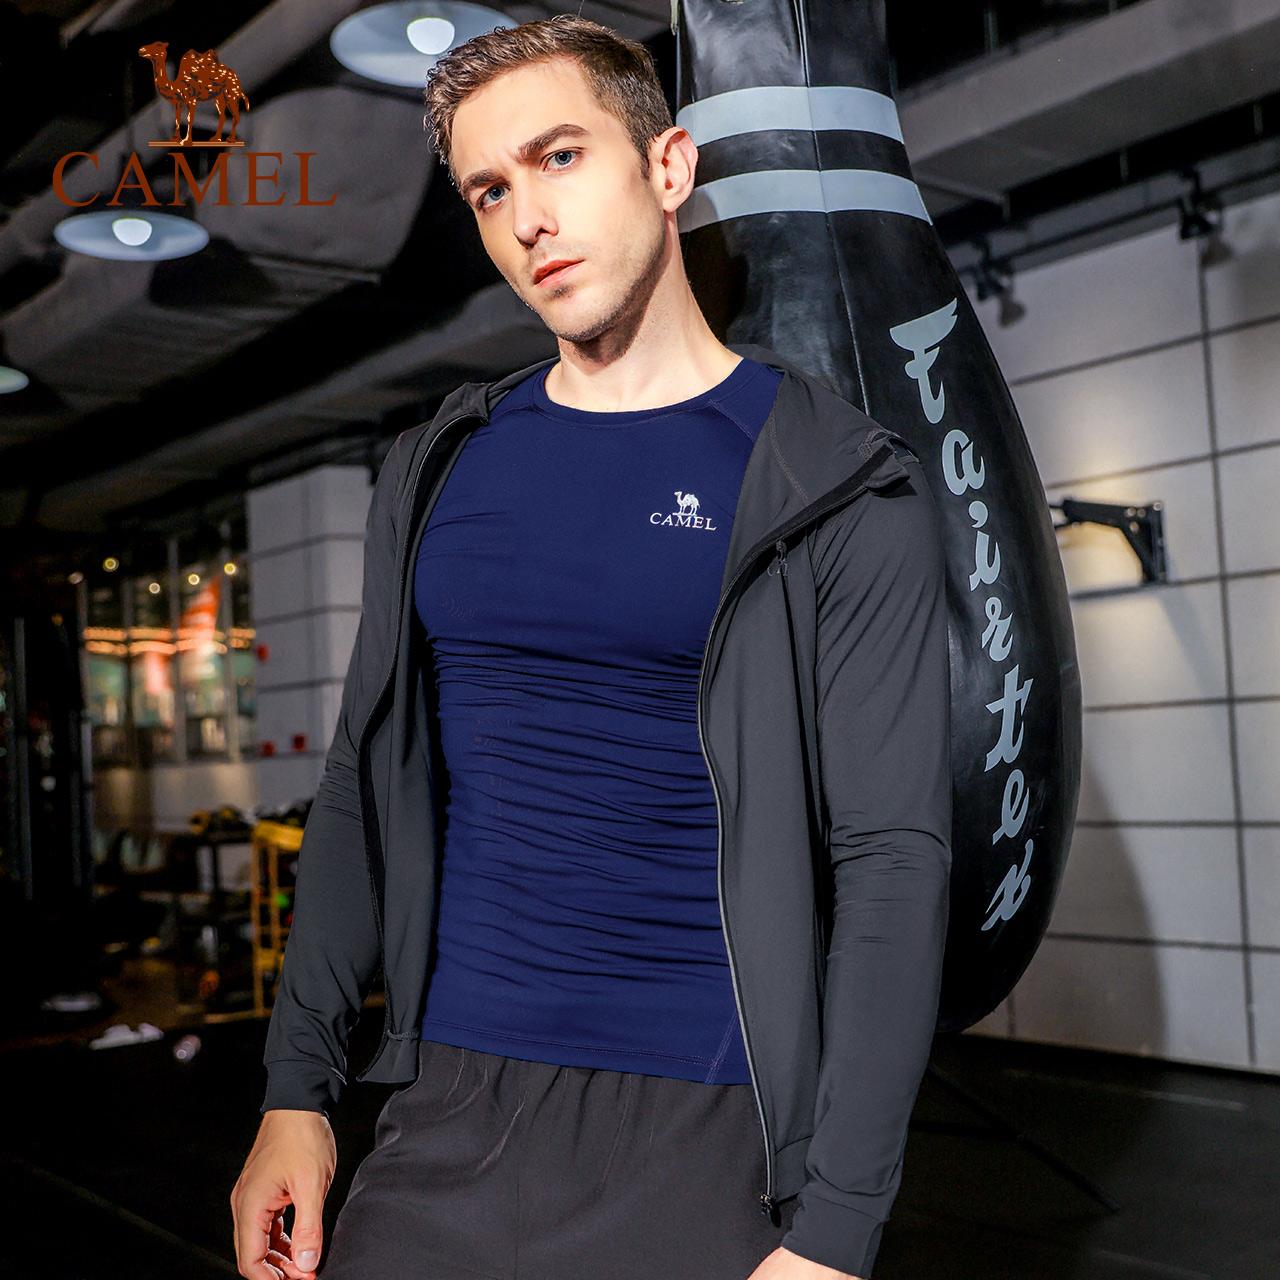 骆驼健身服男套装晨跑健身房运动紧身衣速干衣夜跑训练夏季跑步服